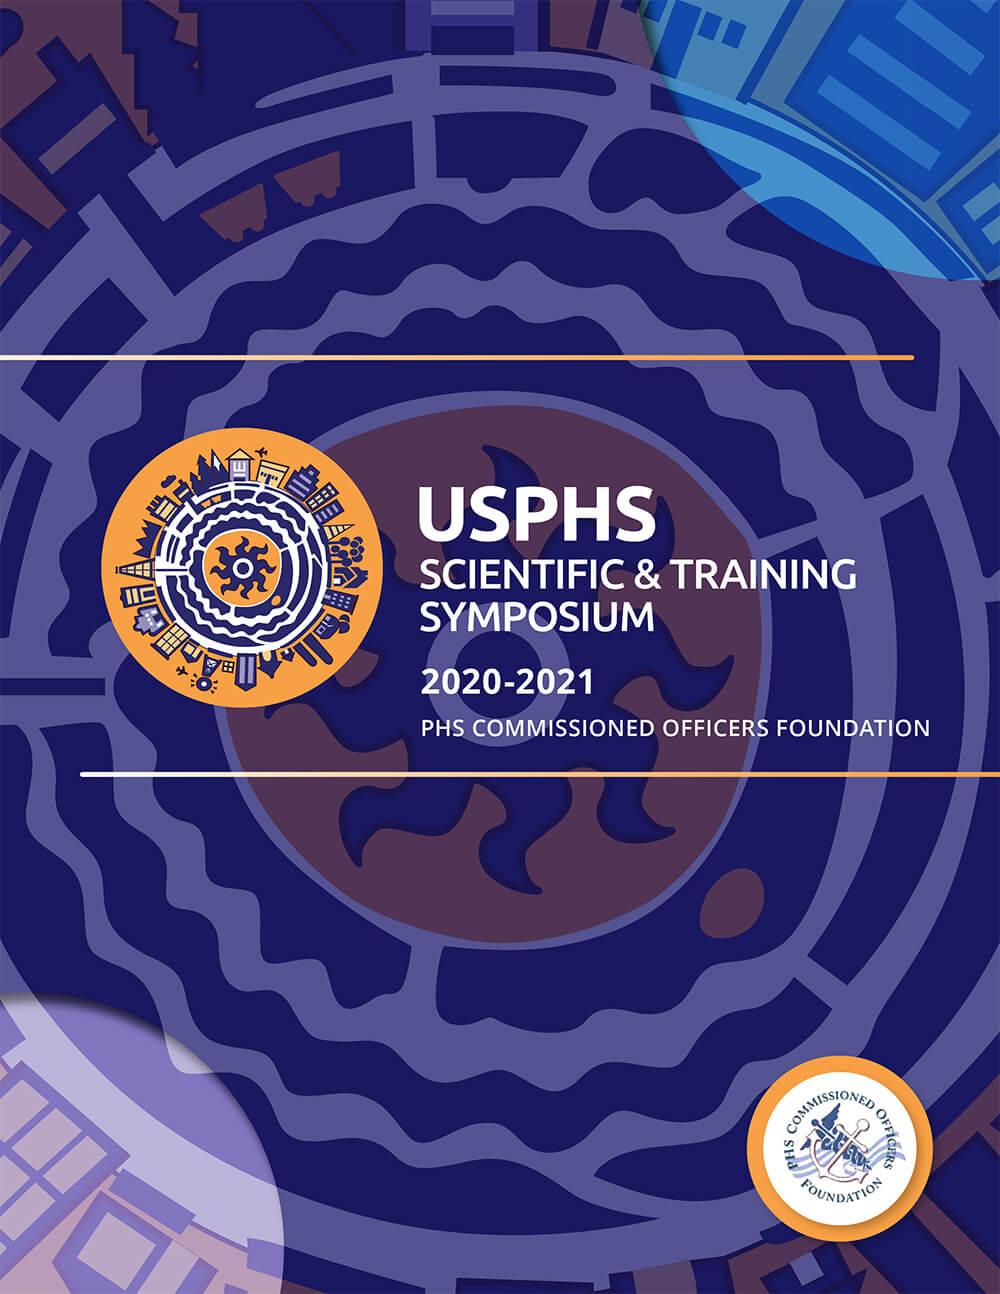 USPHS Scientific & Training Symposium 2020-2021